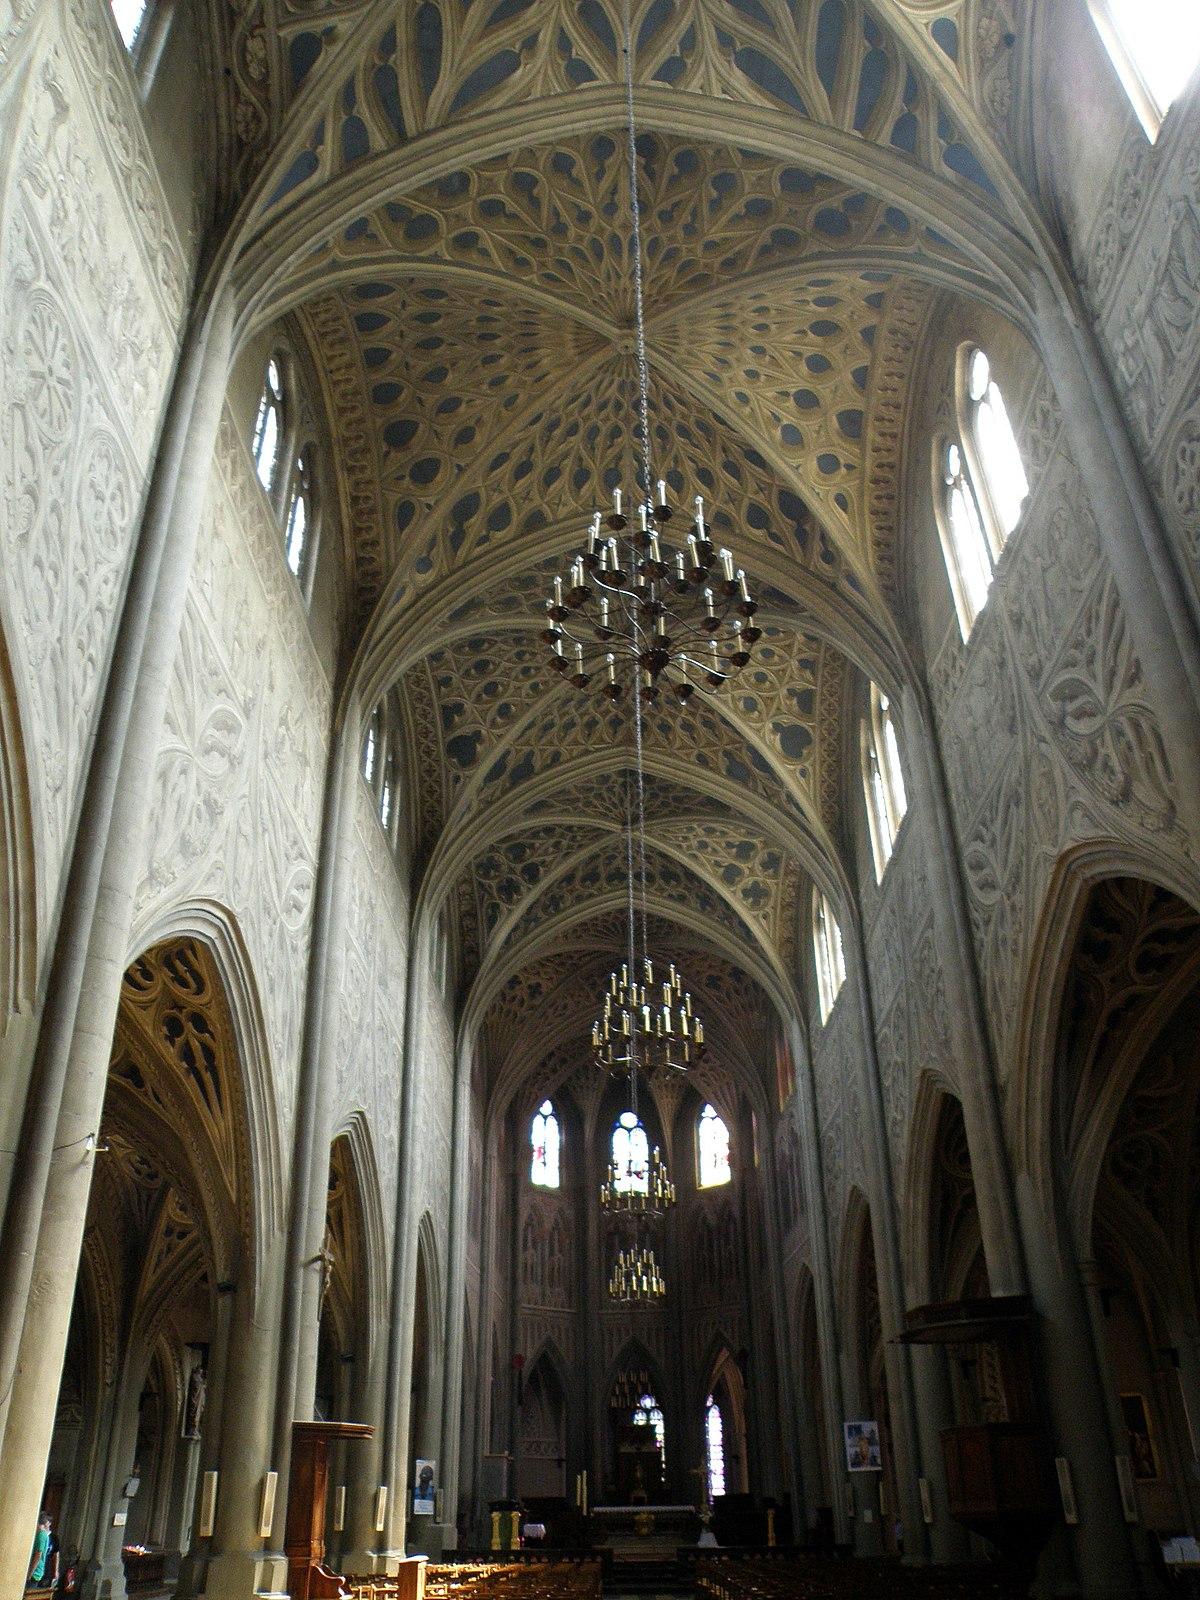 Cathédrale Saint-françois-de-sales De Chambéry : cathédrale, saint-françois-de-sales, chambéry, File:Chambéry, Cathédrale, Saint-François-de-Sales, 6.JPG, Wikimedia, Commons